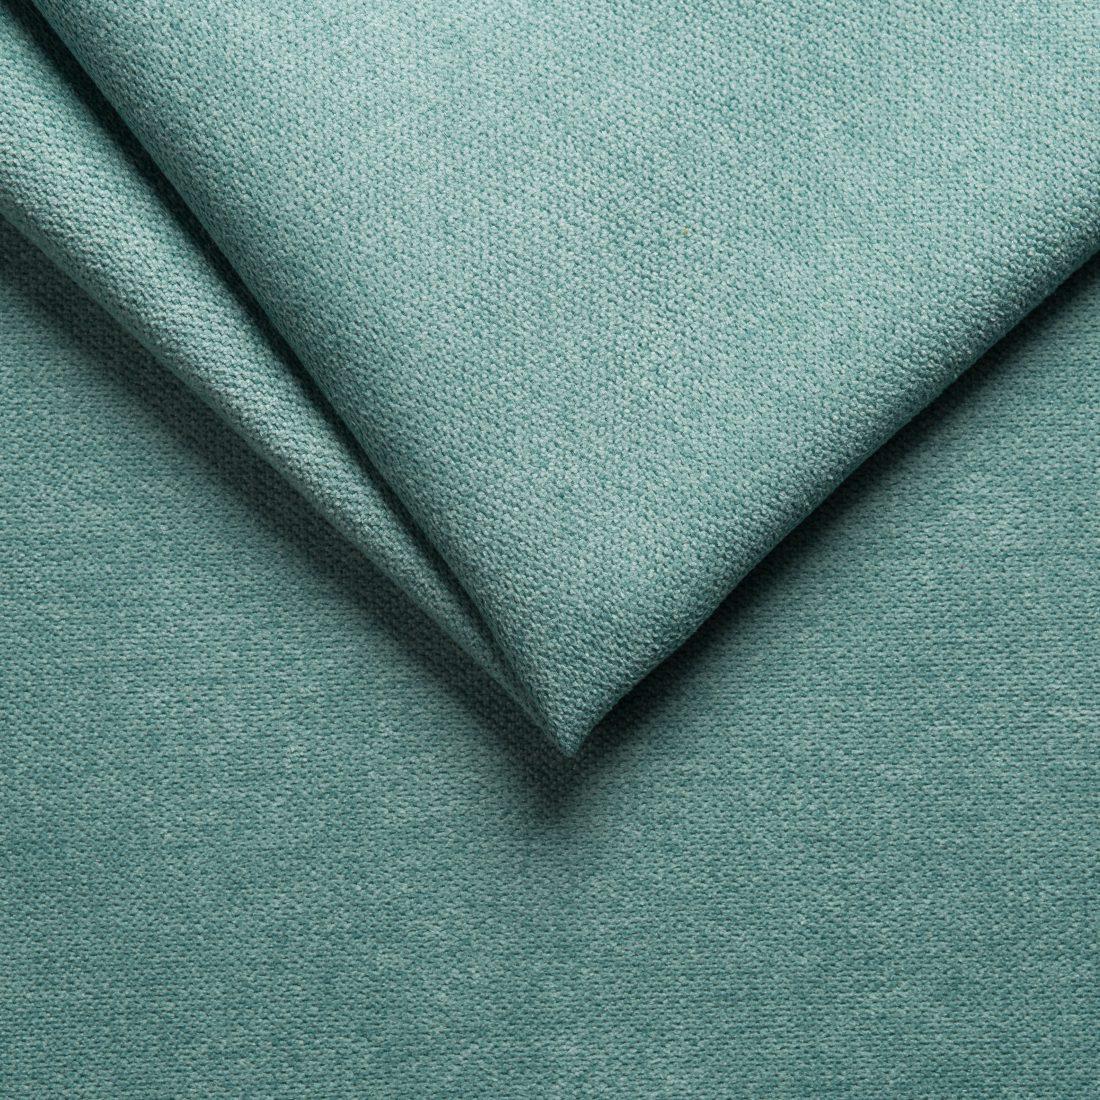 Мебельная ткань Enjoy 18 Mint, микрофибра